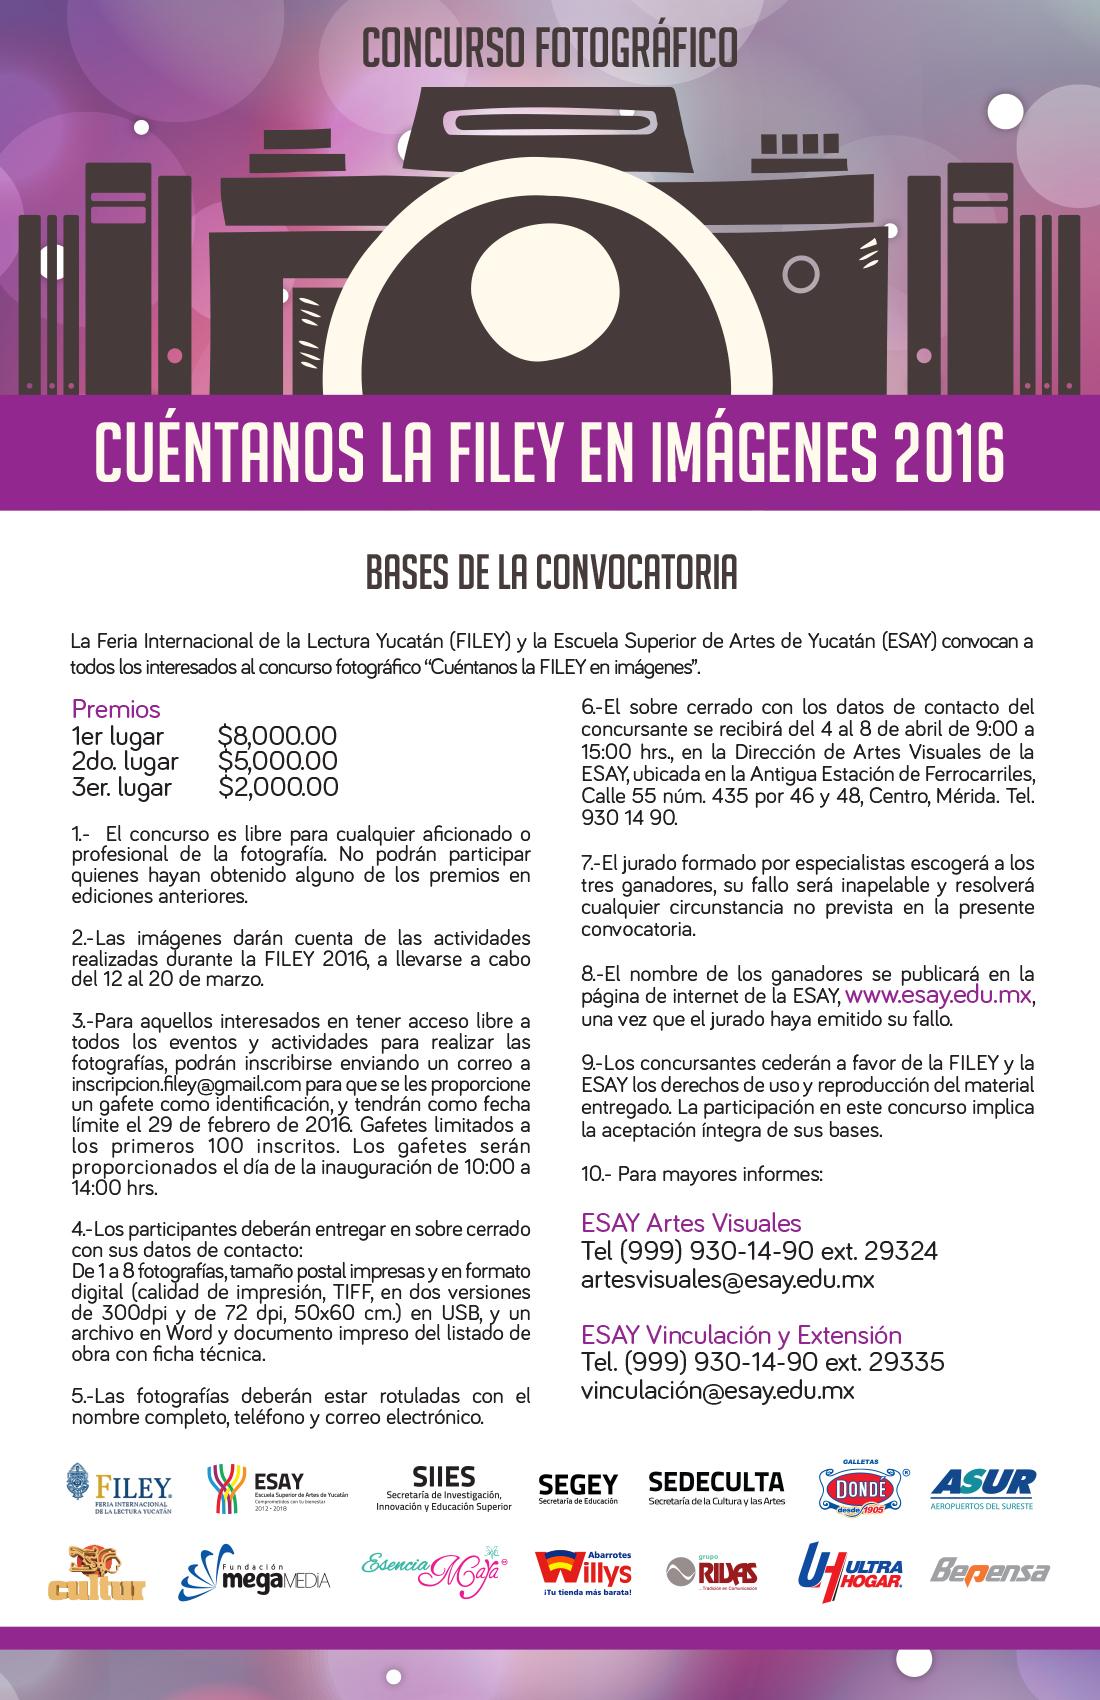 CUENTANOS LA FILEY 2016